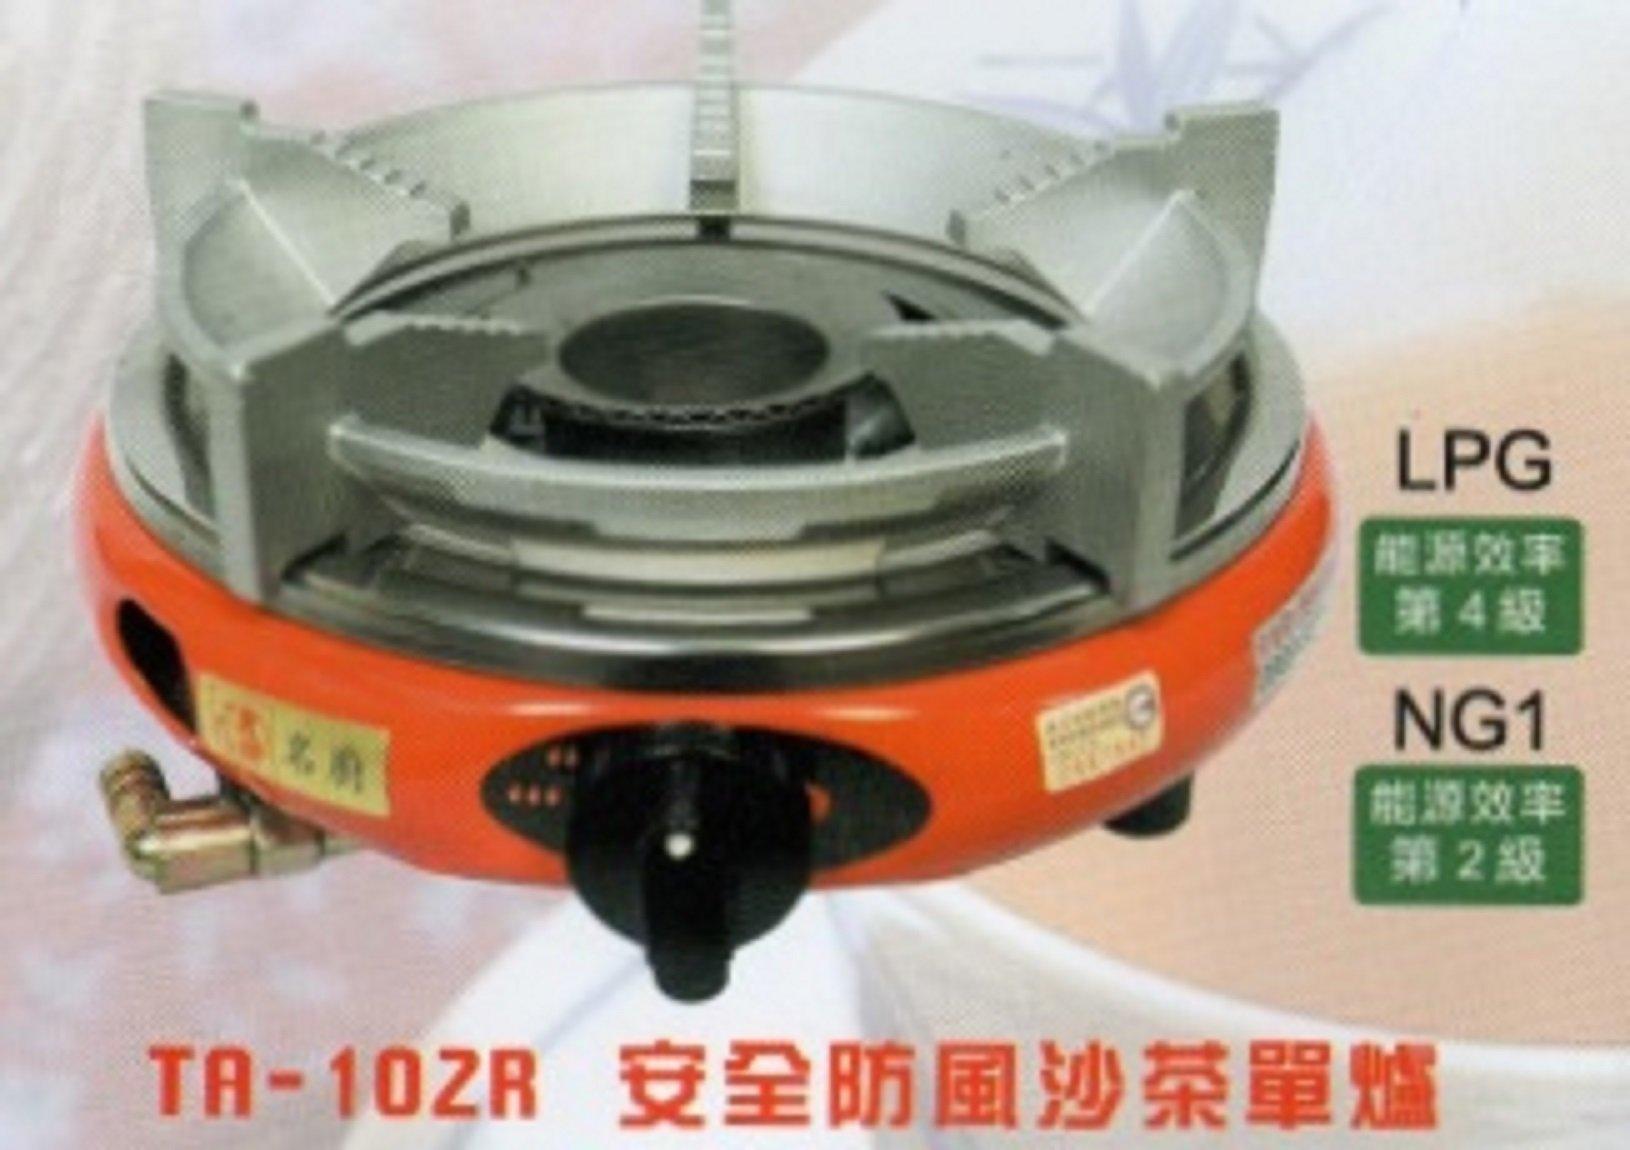 名廚牌 瓦斯爐 安全防風沙茶單爐 TA-102R 天然瓦斯